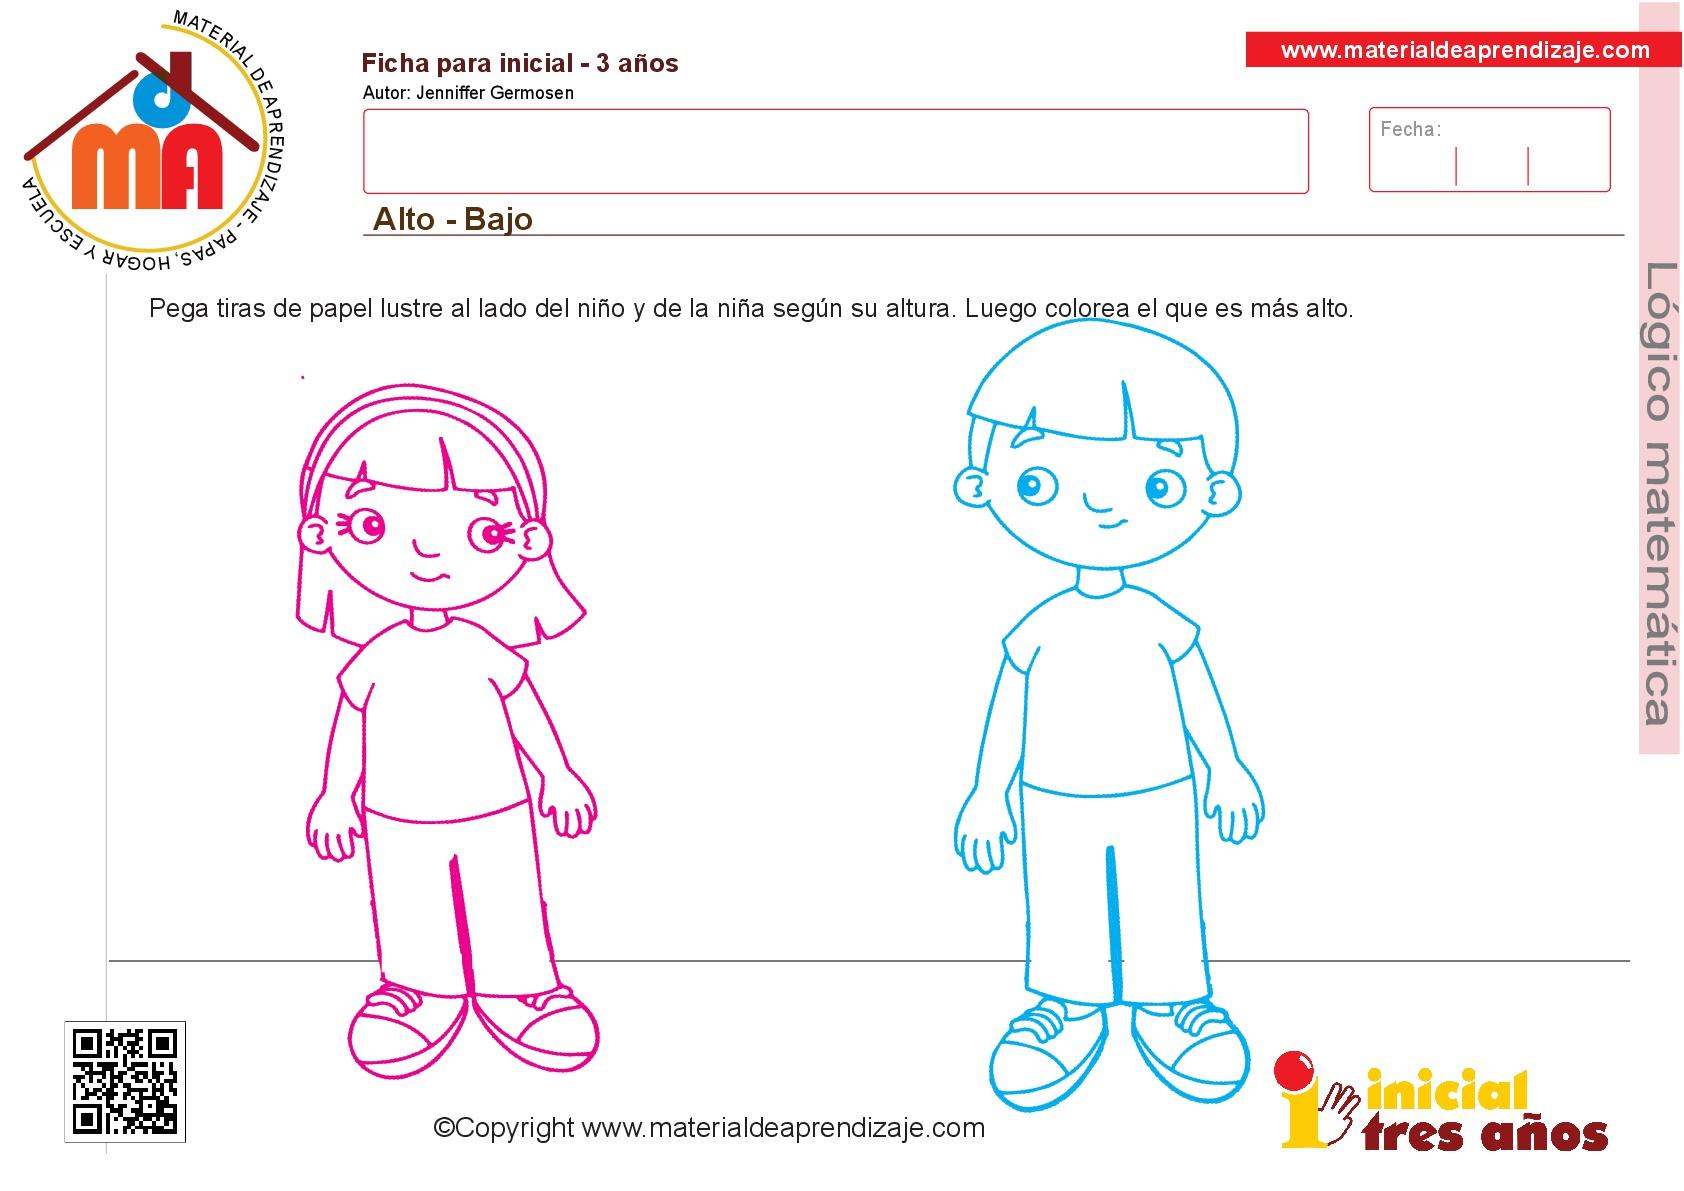 Libreta De Dibujo Con Dibujos Infant: Colección De Ficha Para Trabajar Razonamiento Lógico